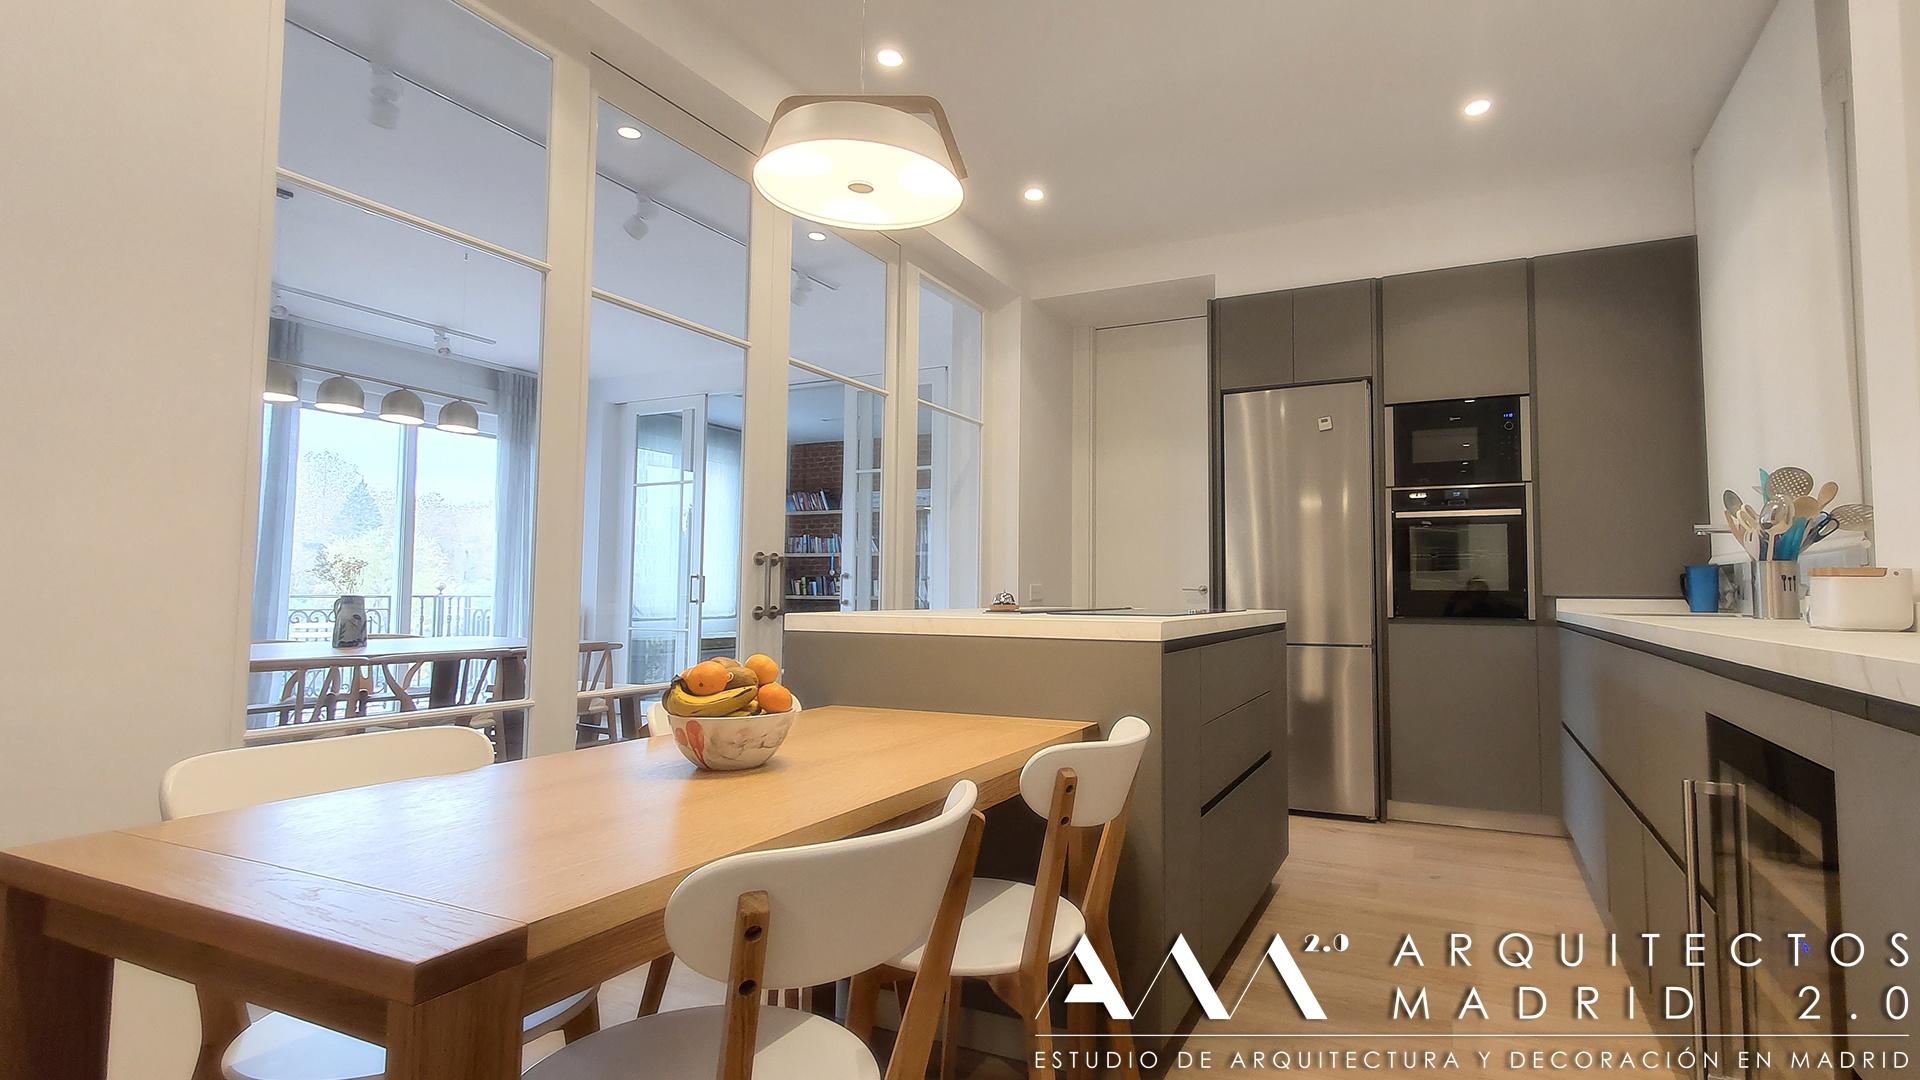 proyecto-reforma-integral-vivienda-arquitectos-madrid-ideas-decoracion-salon-cocina-home-interior-design-10